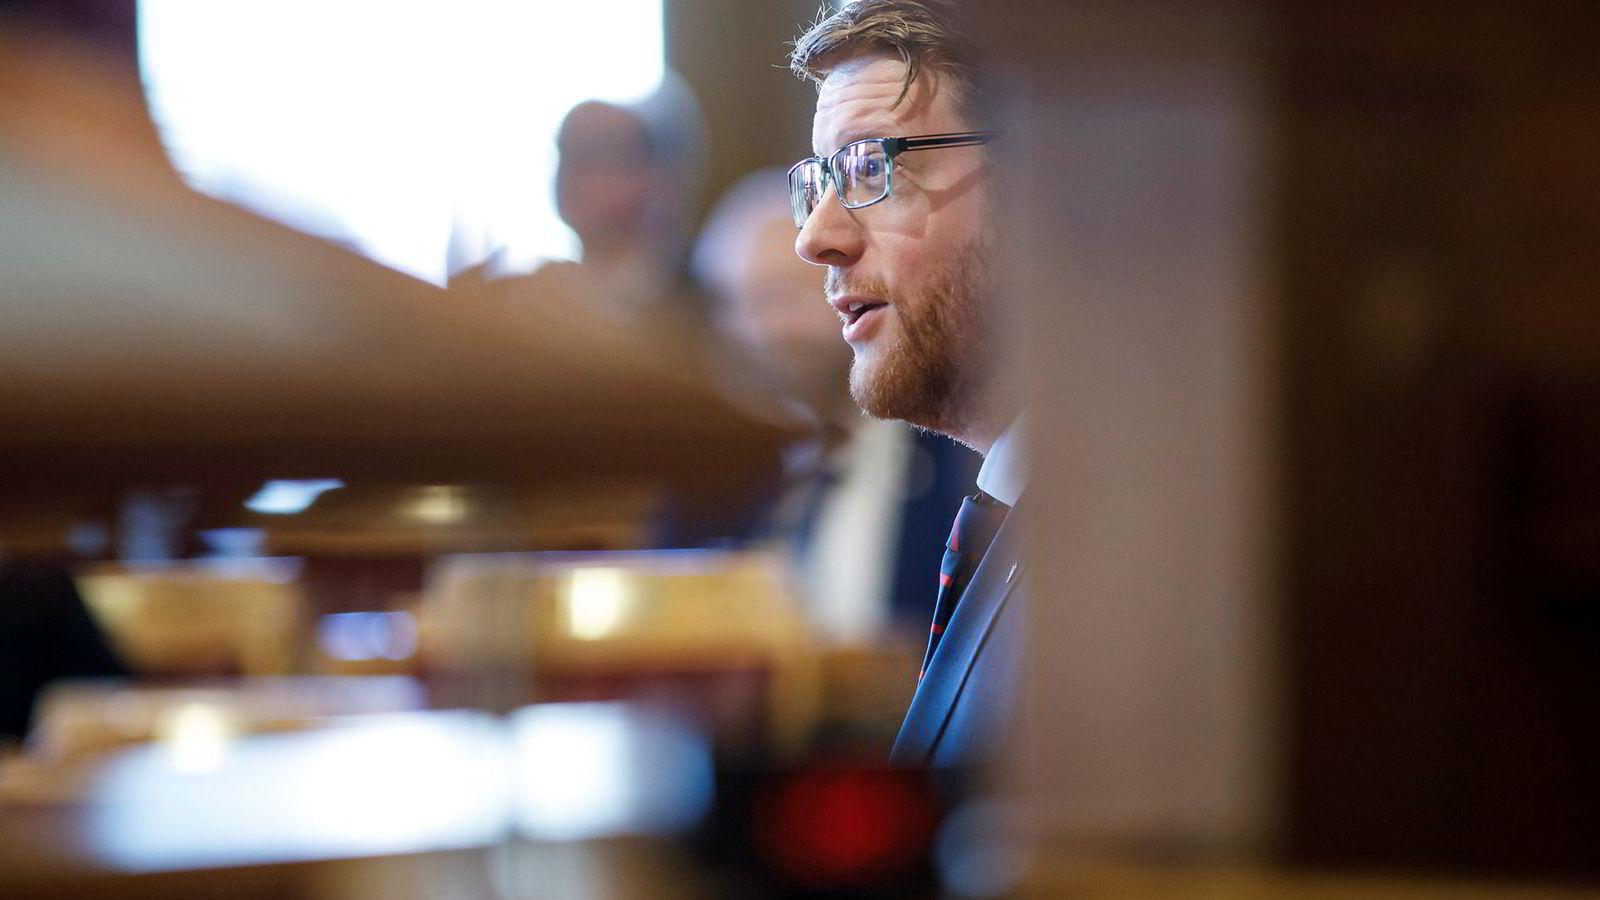 Oppkjøpsfond bør ikke få overta barnehagekjeder, mener Ap-talsmann Martin Henriksen.